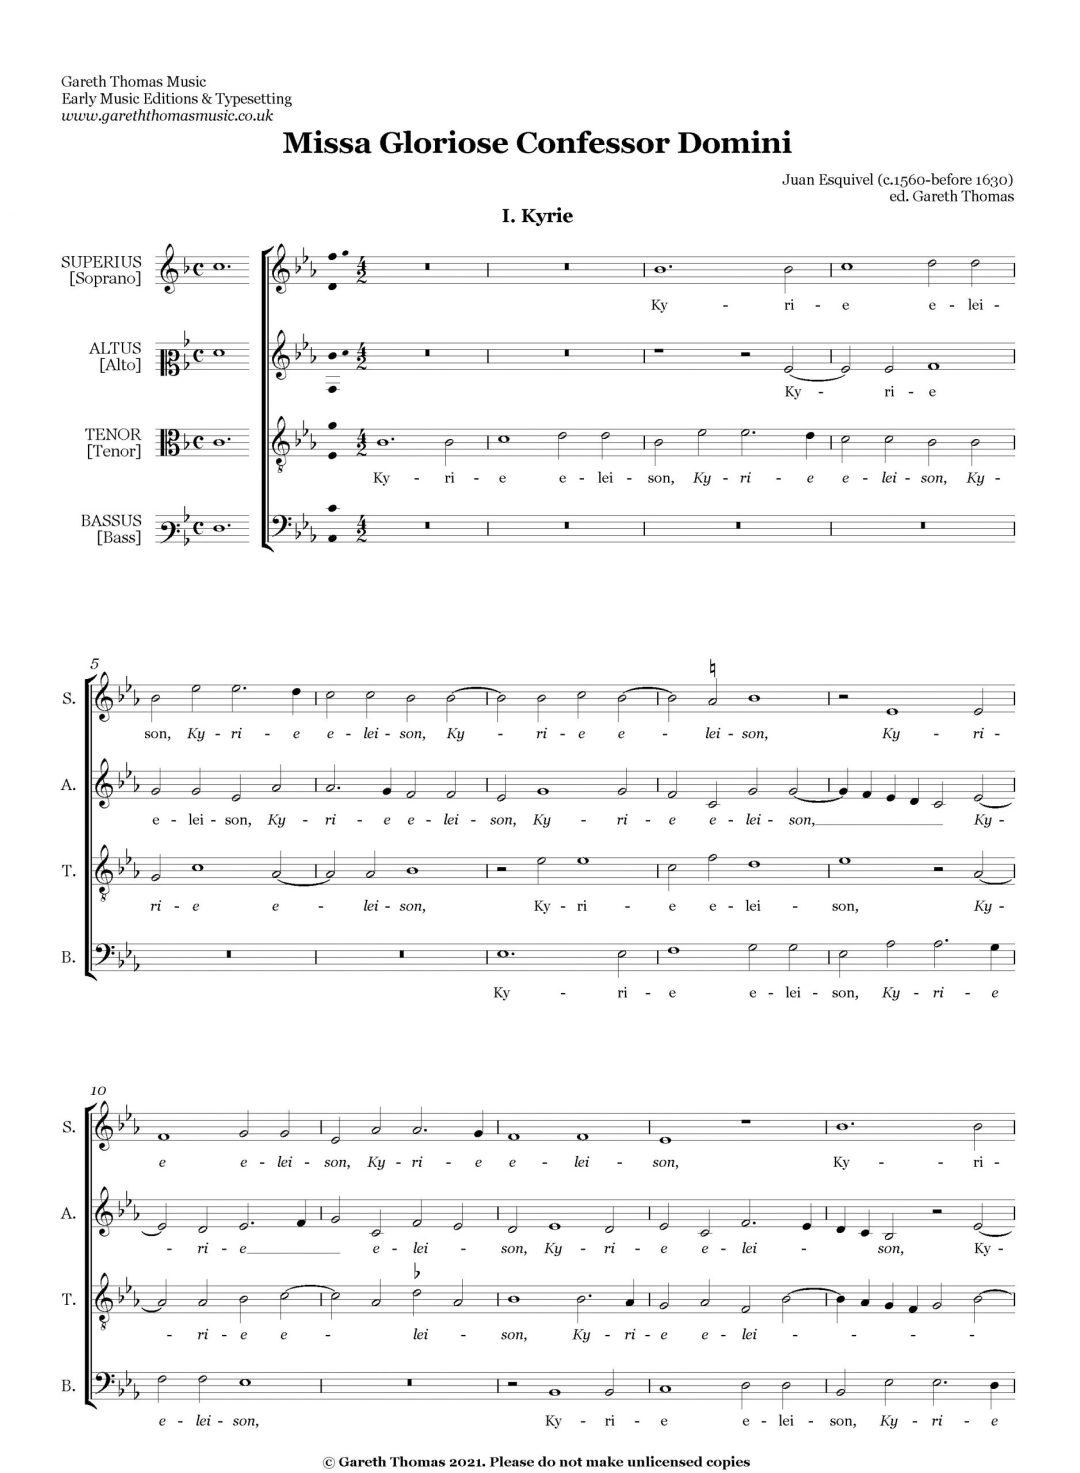 Juan Esquivel Missa Gloriose Confessor Domini image